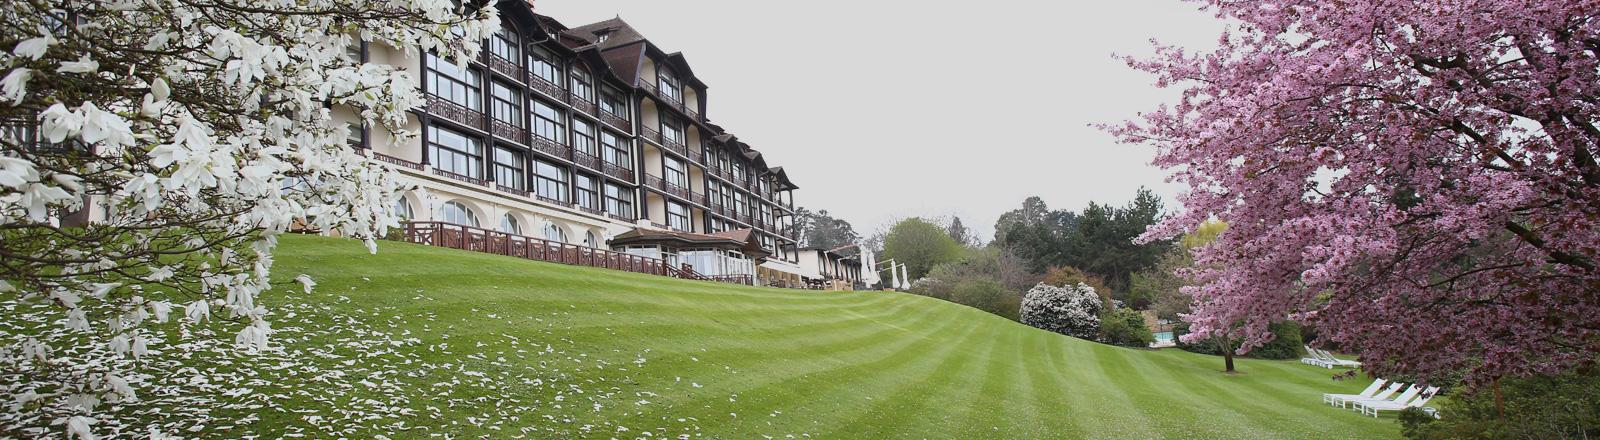 Das Hotel Ermitage im französischen Evian-les-Baines.